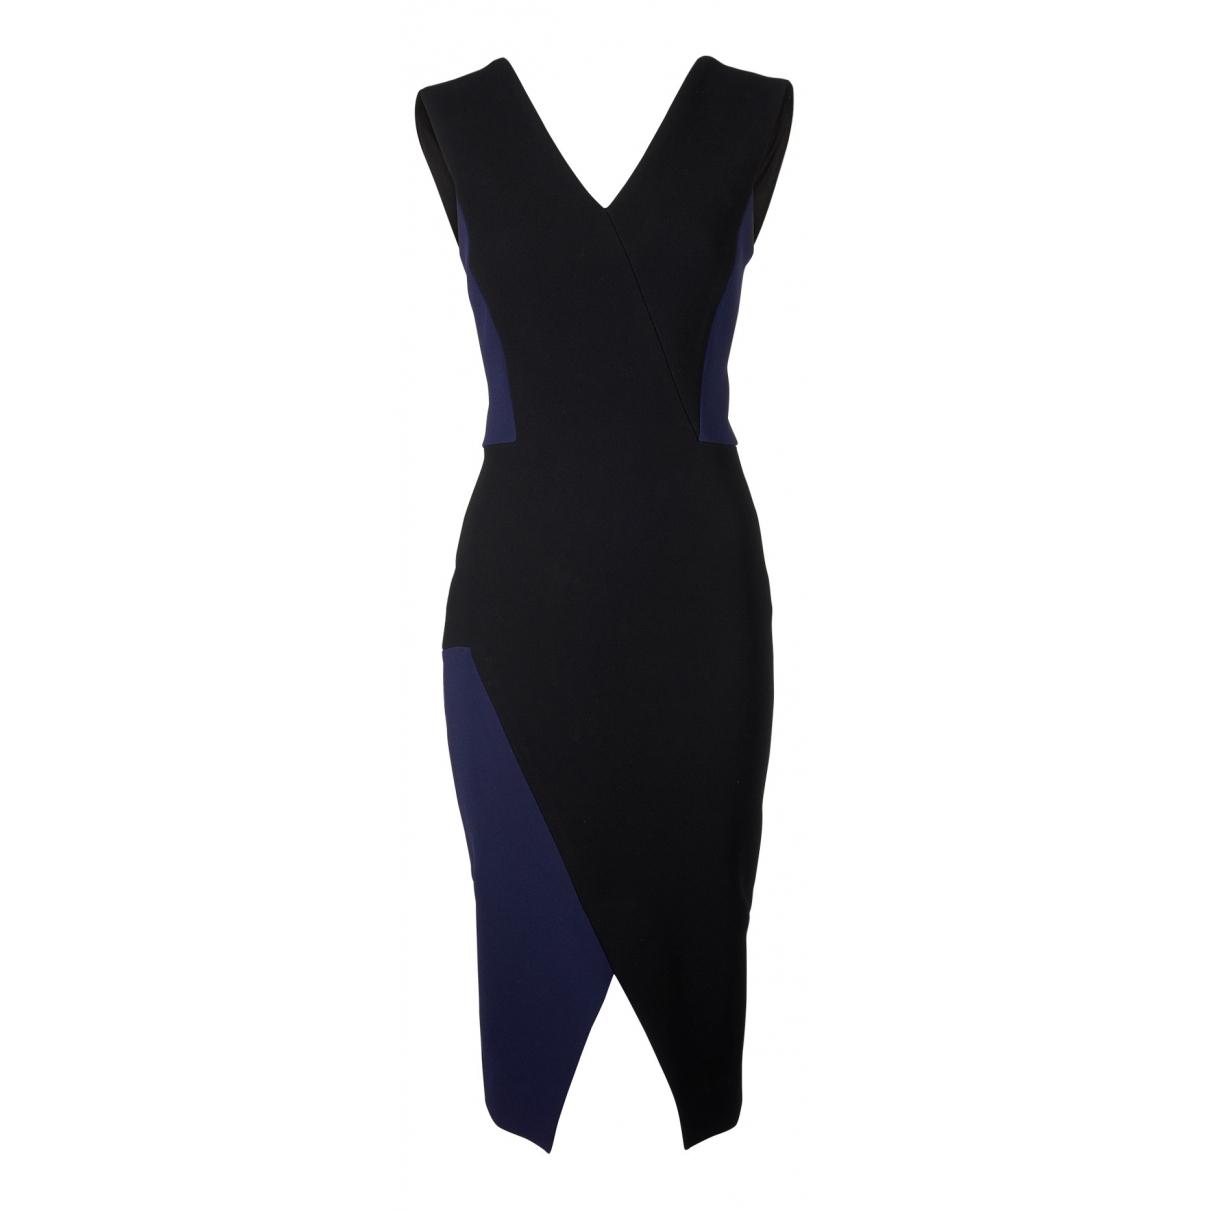 Victoria Beckham \N Kleid in  Schwarz Polyester